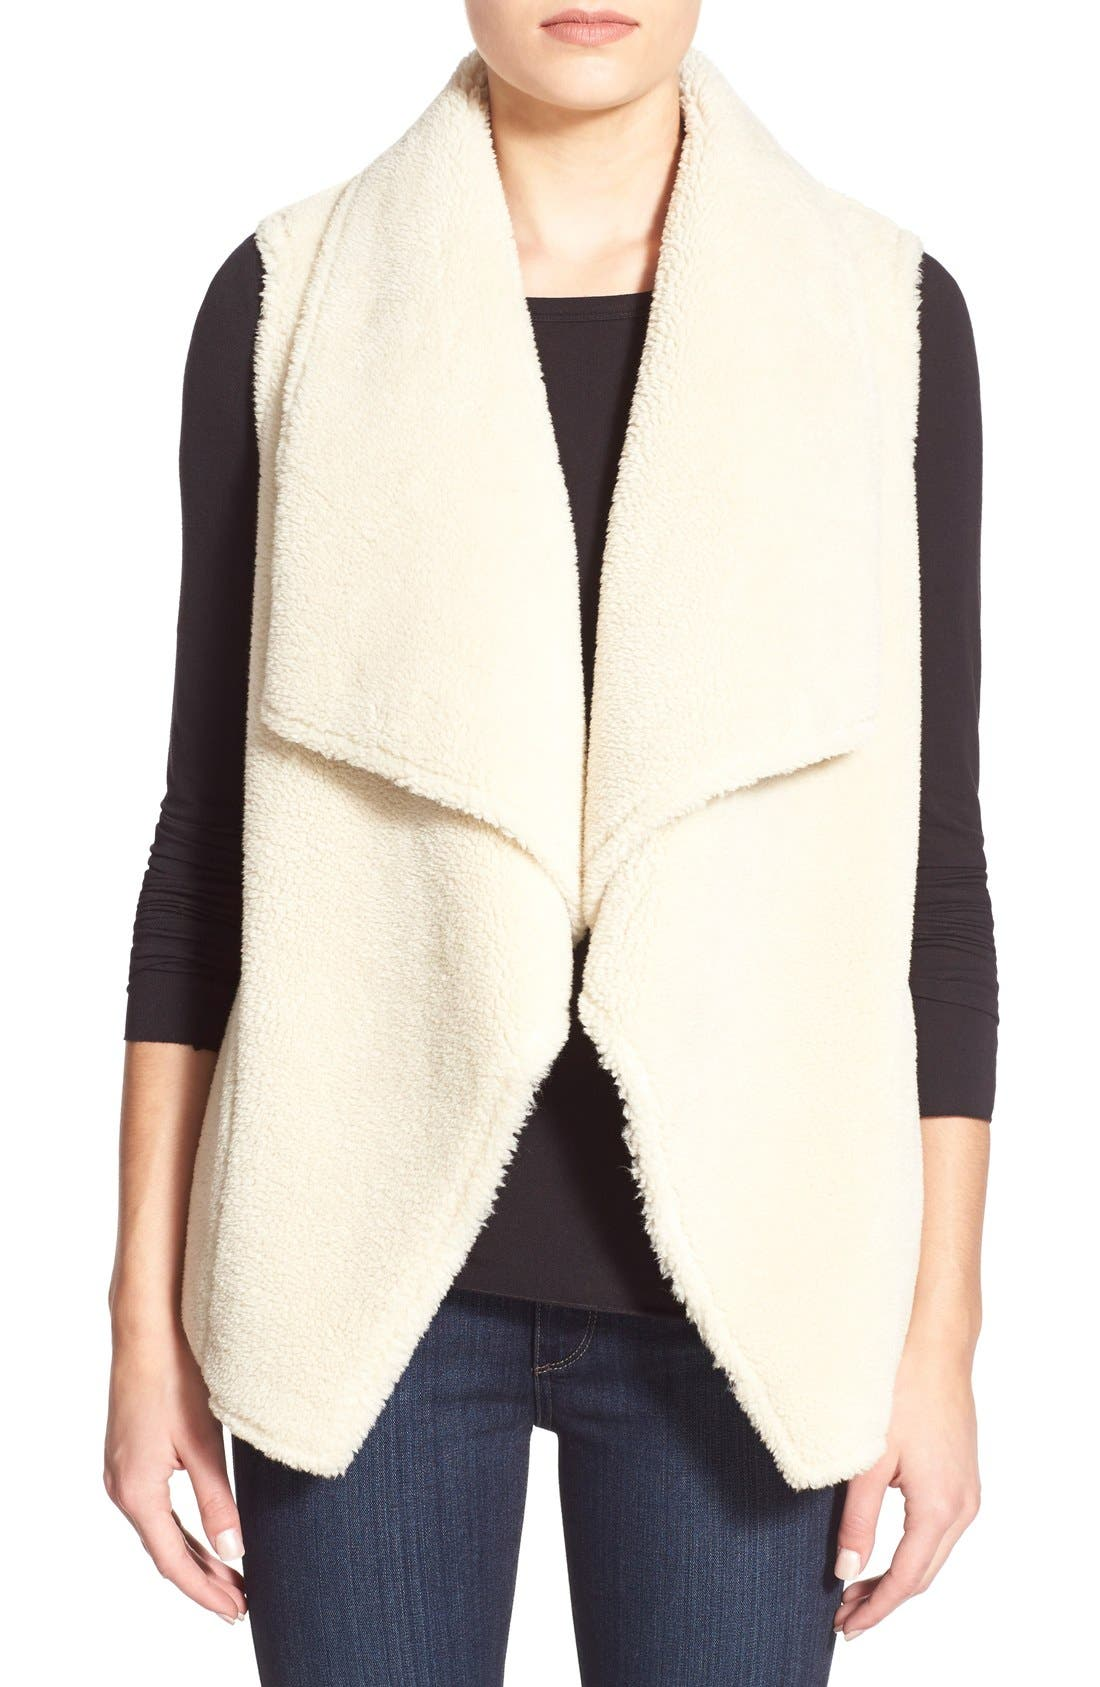 Alternate Image 1 Selected - Velvet by Graham & Spencer Reversible Faux Shearling Vest